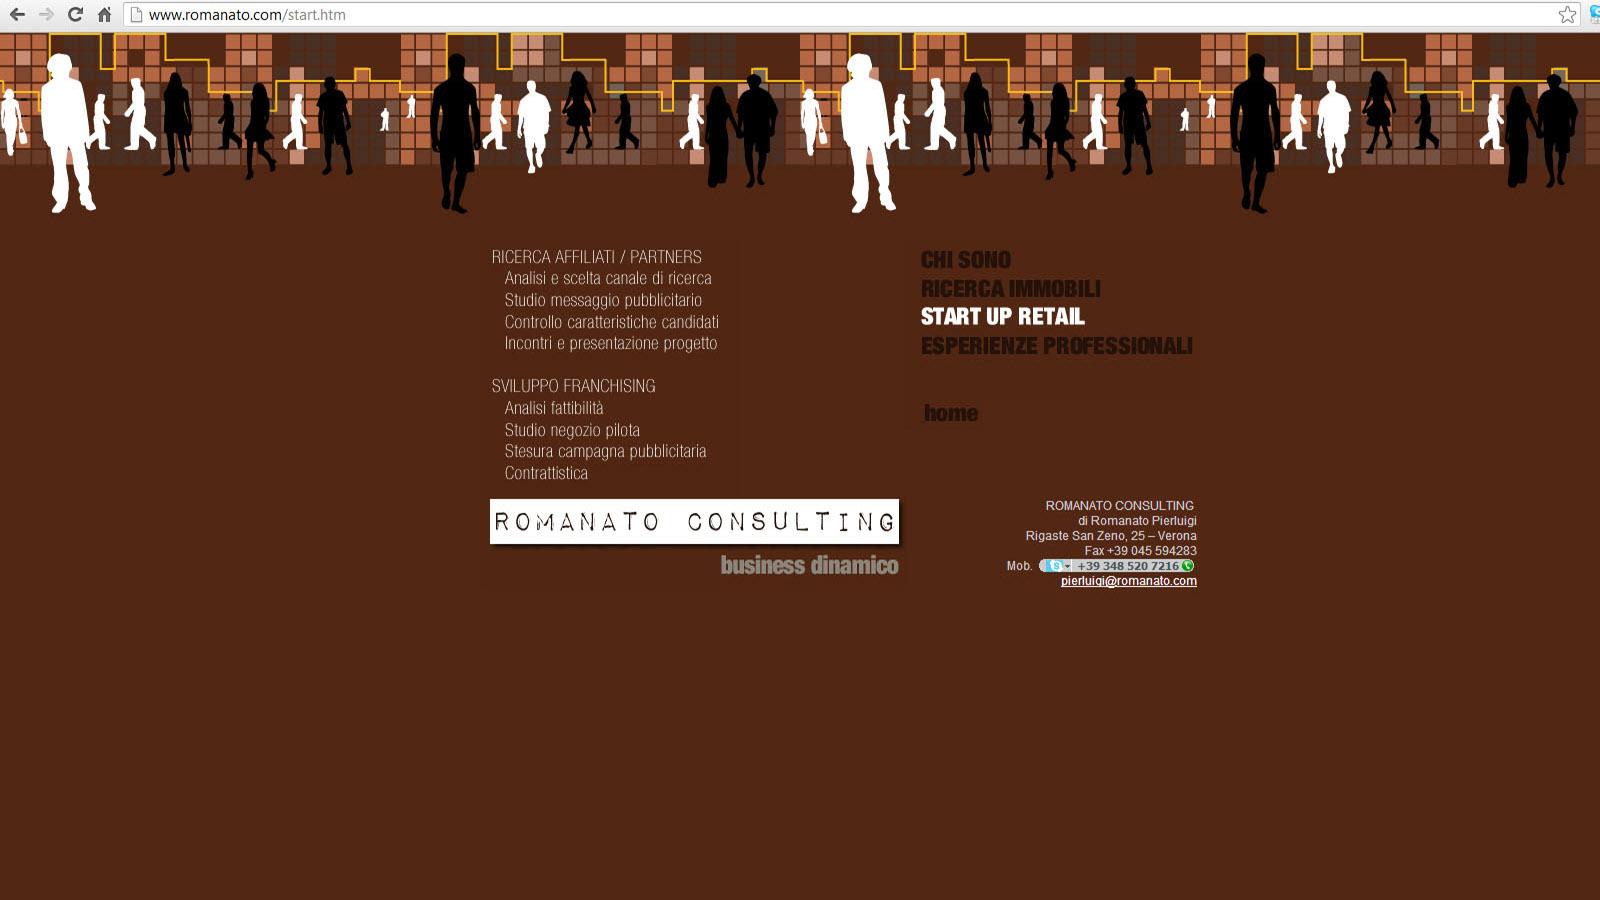 romanato-consulting-sito-startup